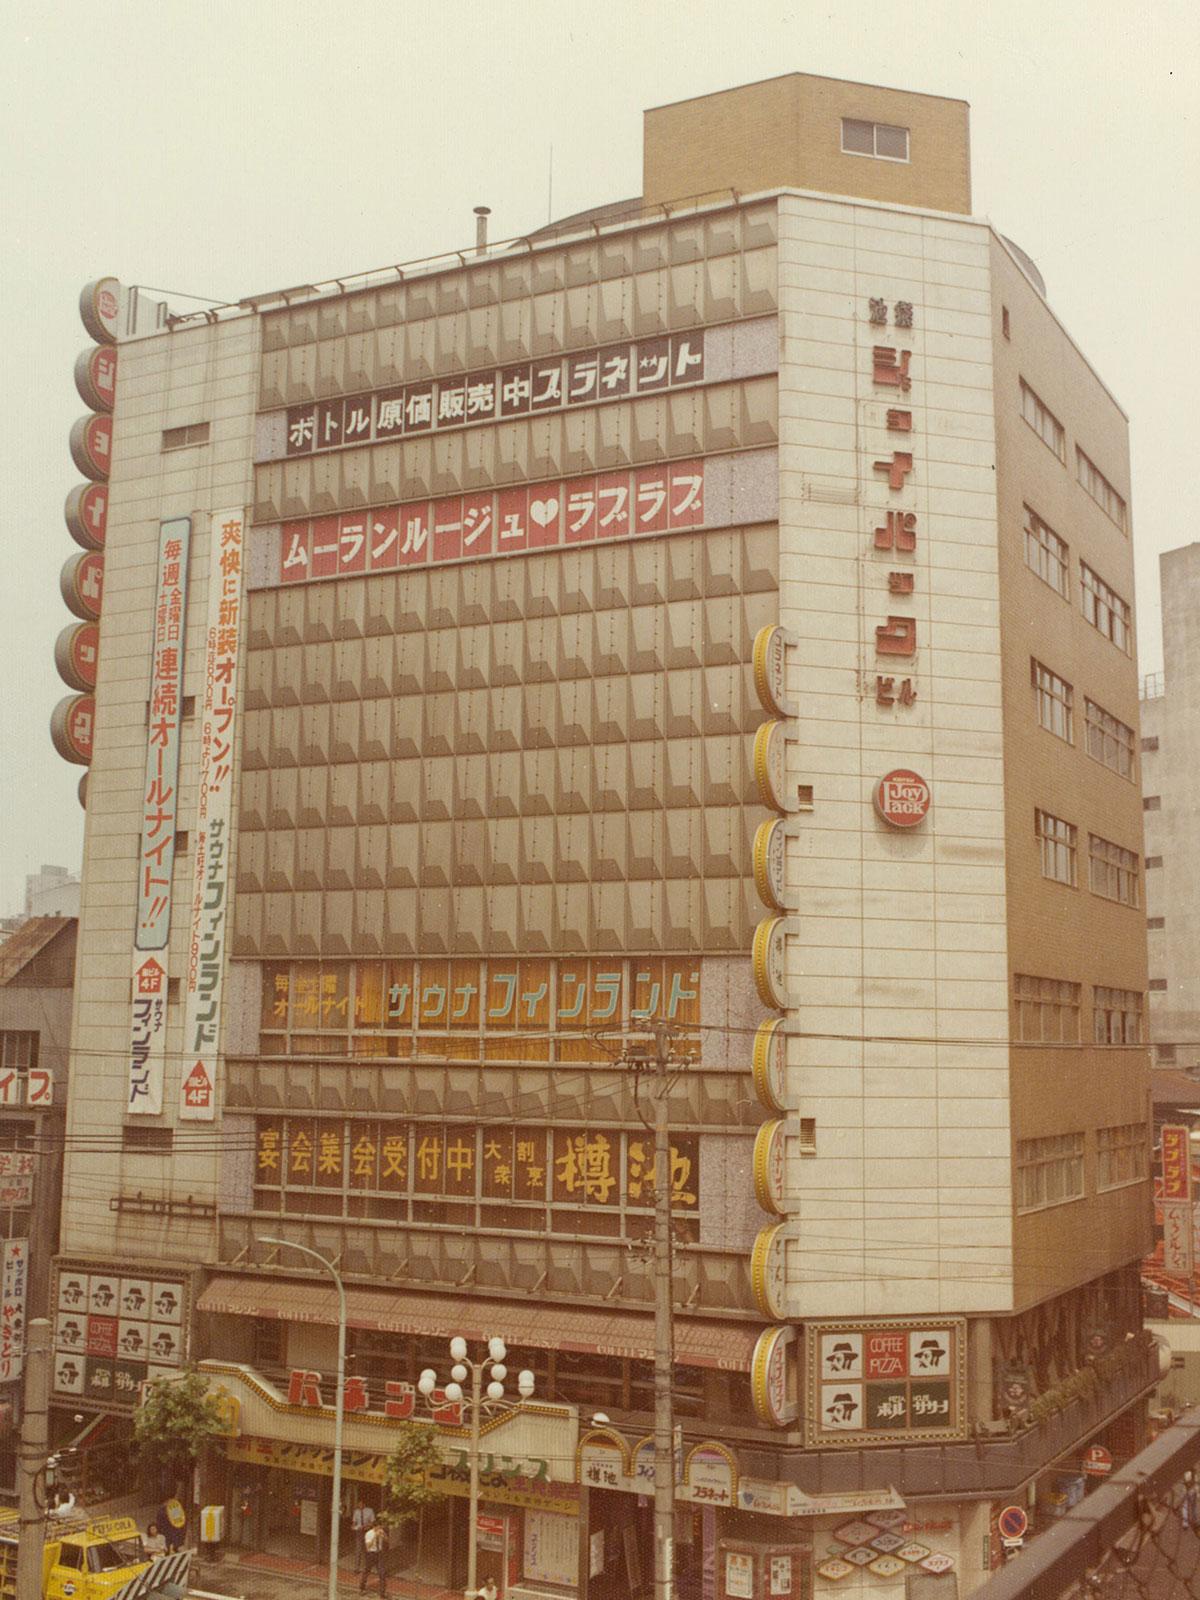 「新宿劇場」の跡地に建てた「新宿ジョイパックビル」(1993年、現在の「ヒューマックスパビリオン新宿歌舞伎町」に改称)